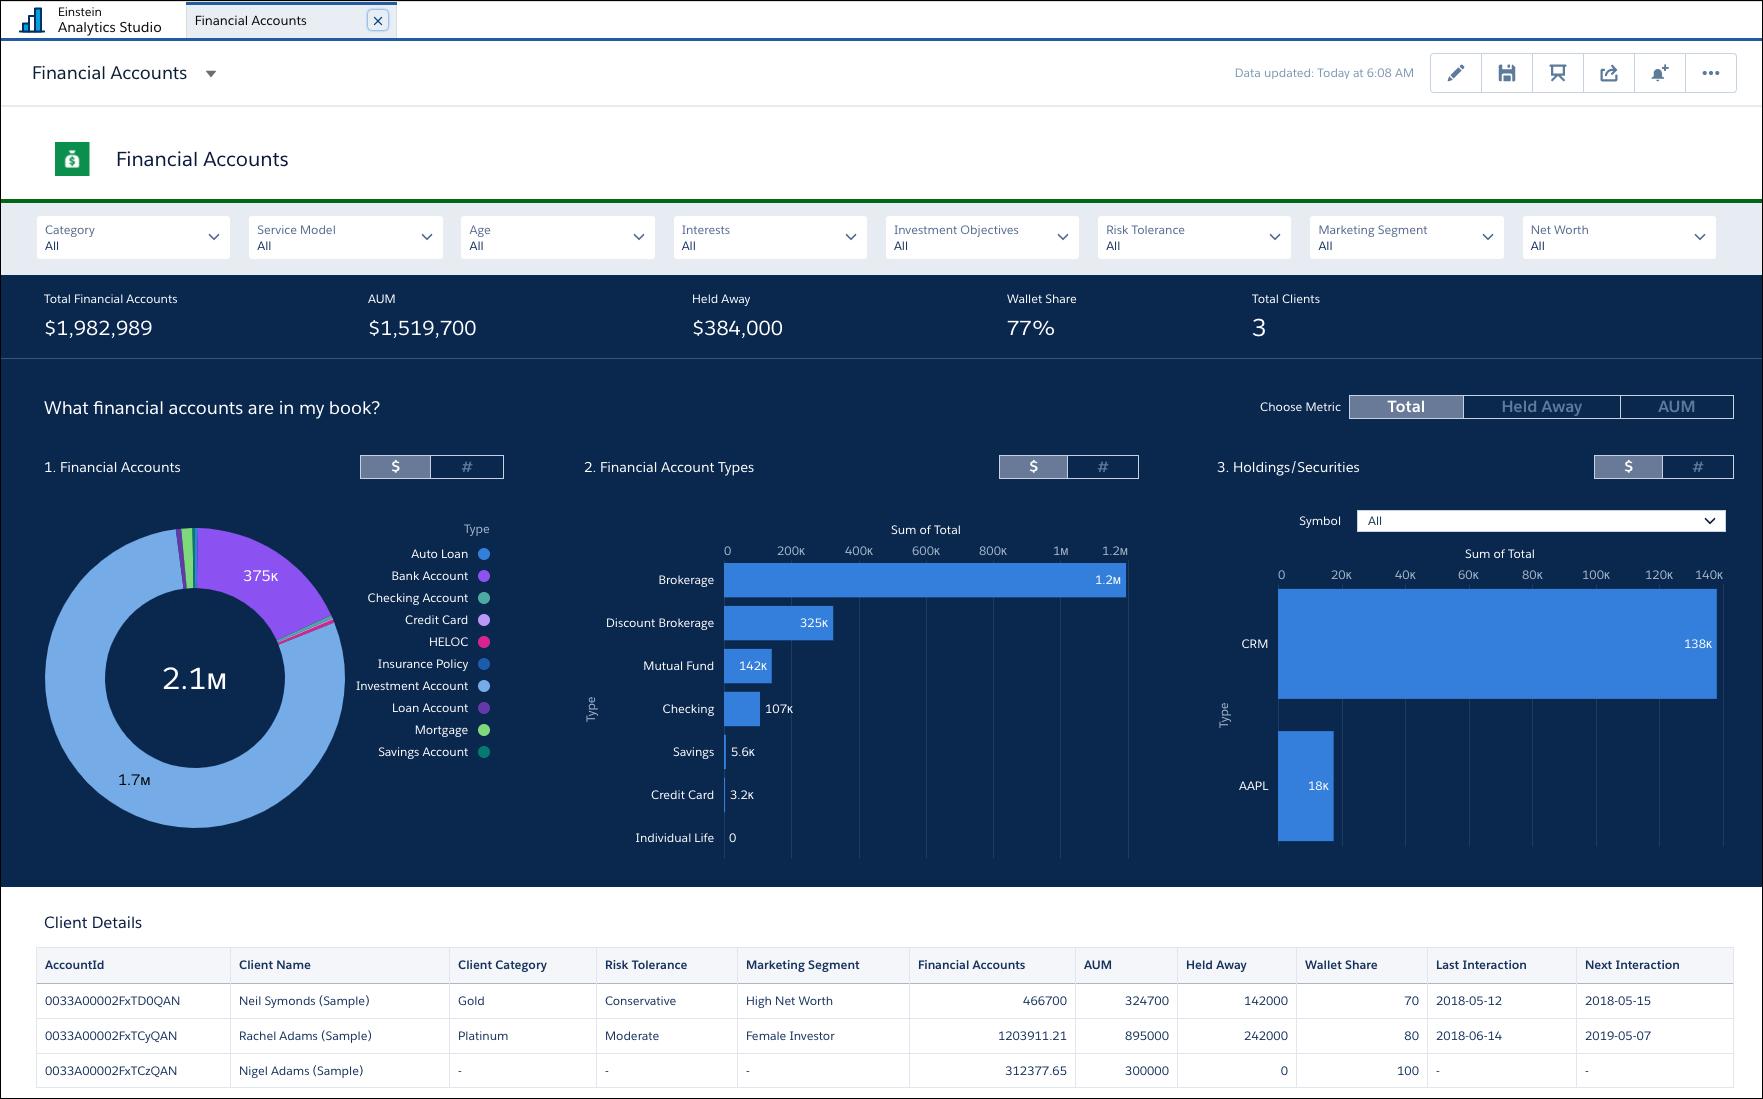 Financial Accounts ダッシュボードを示すスクリーンショット